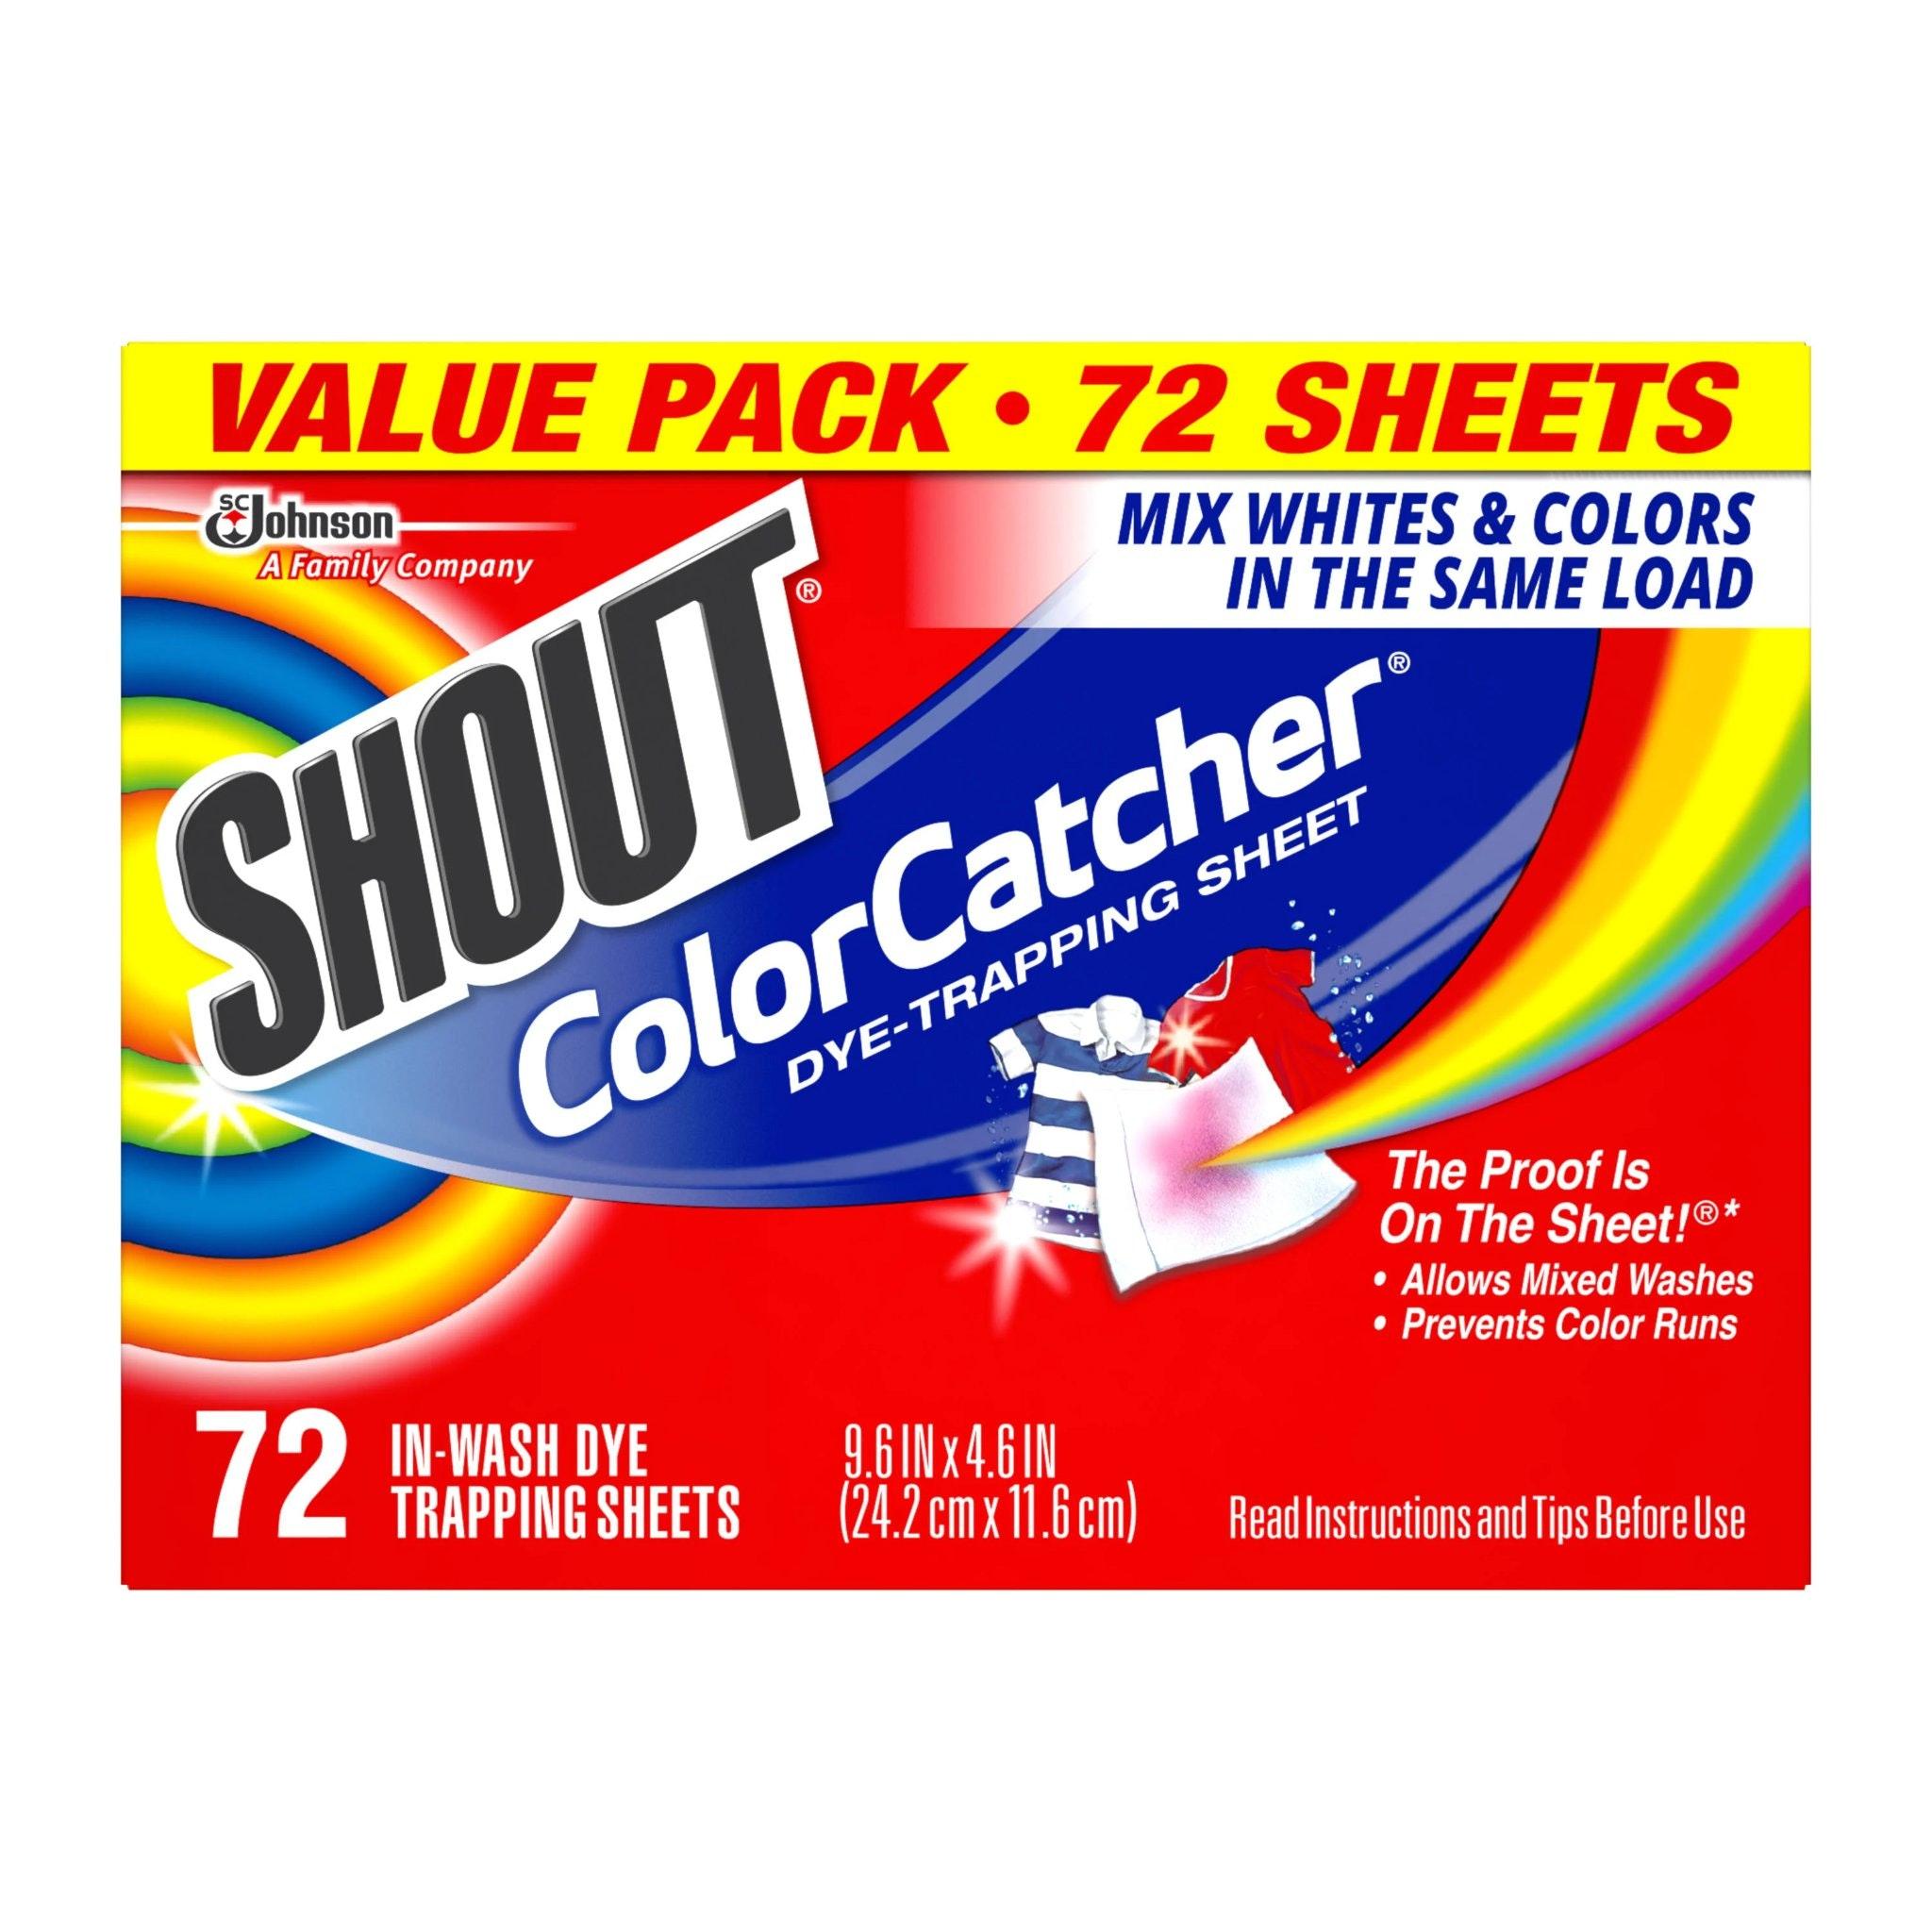 Shout Color Catcher Dryer Sheets